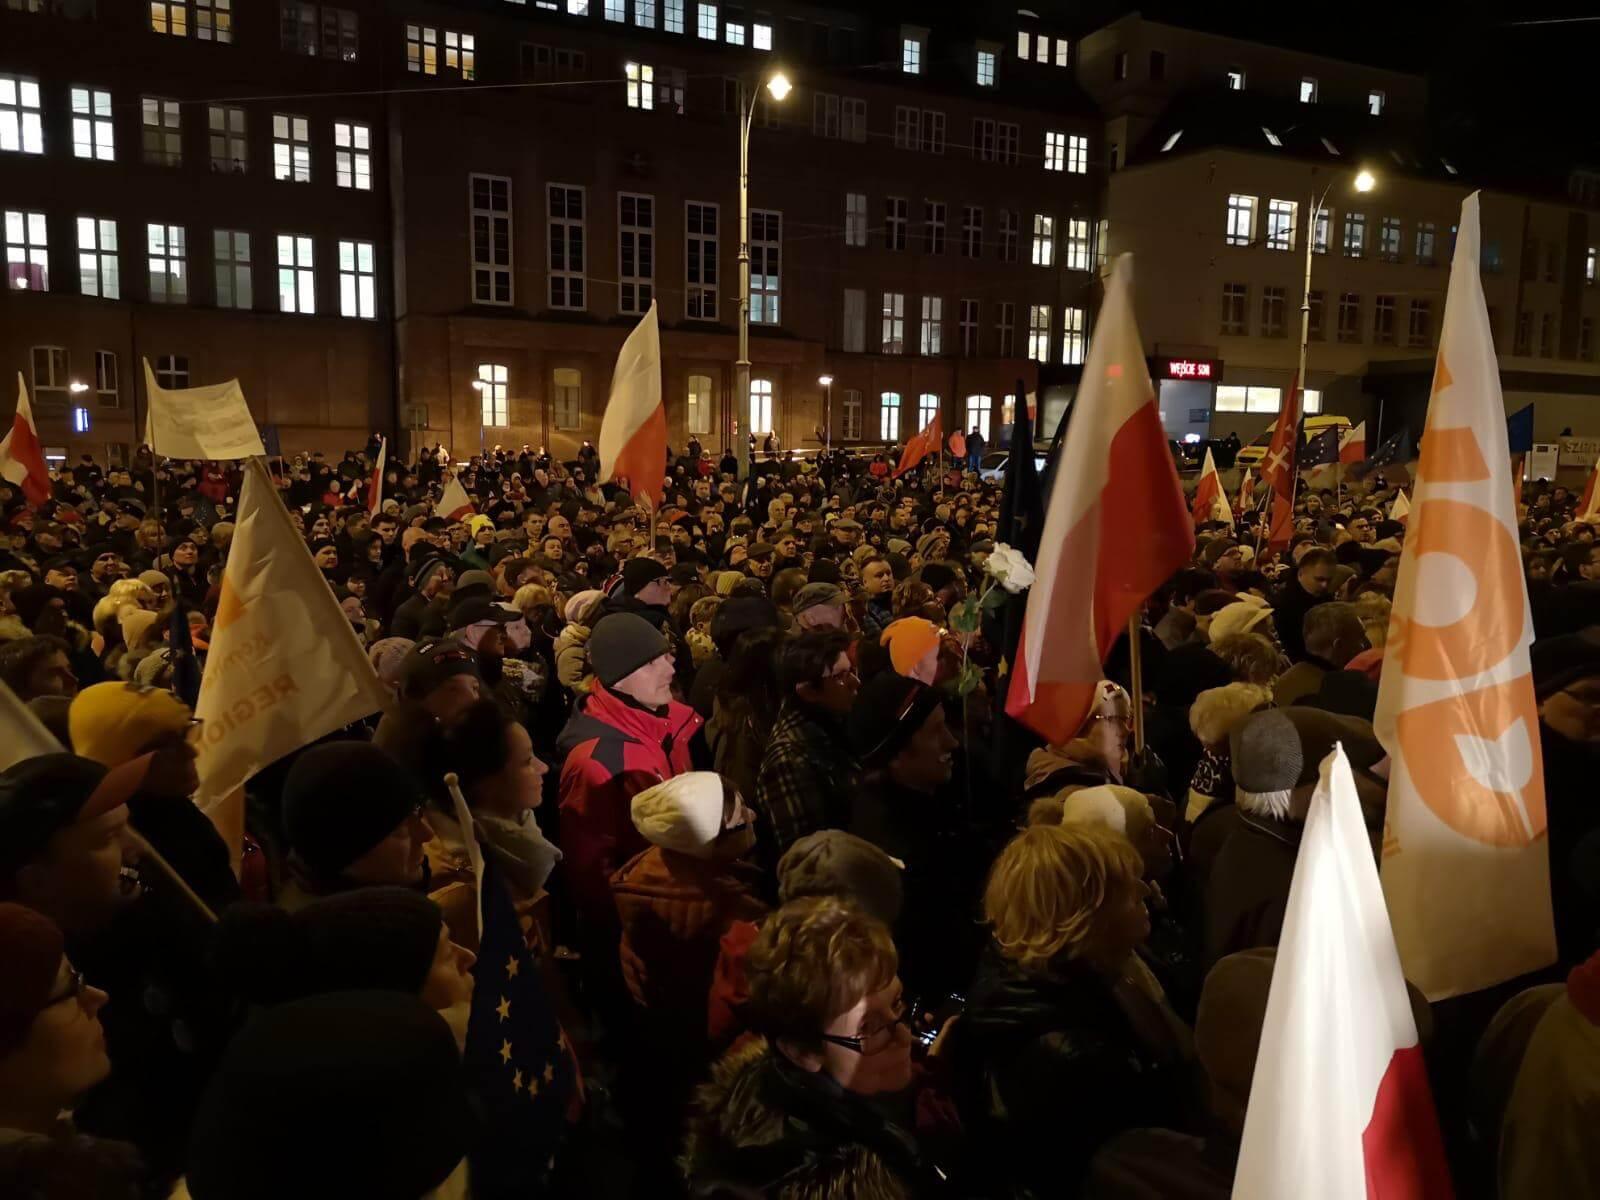 Manuela Gretkowska: Demokracja nie jest za darmo